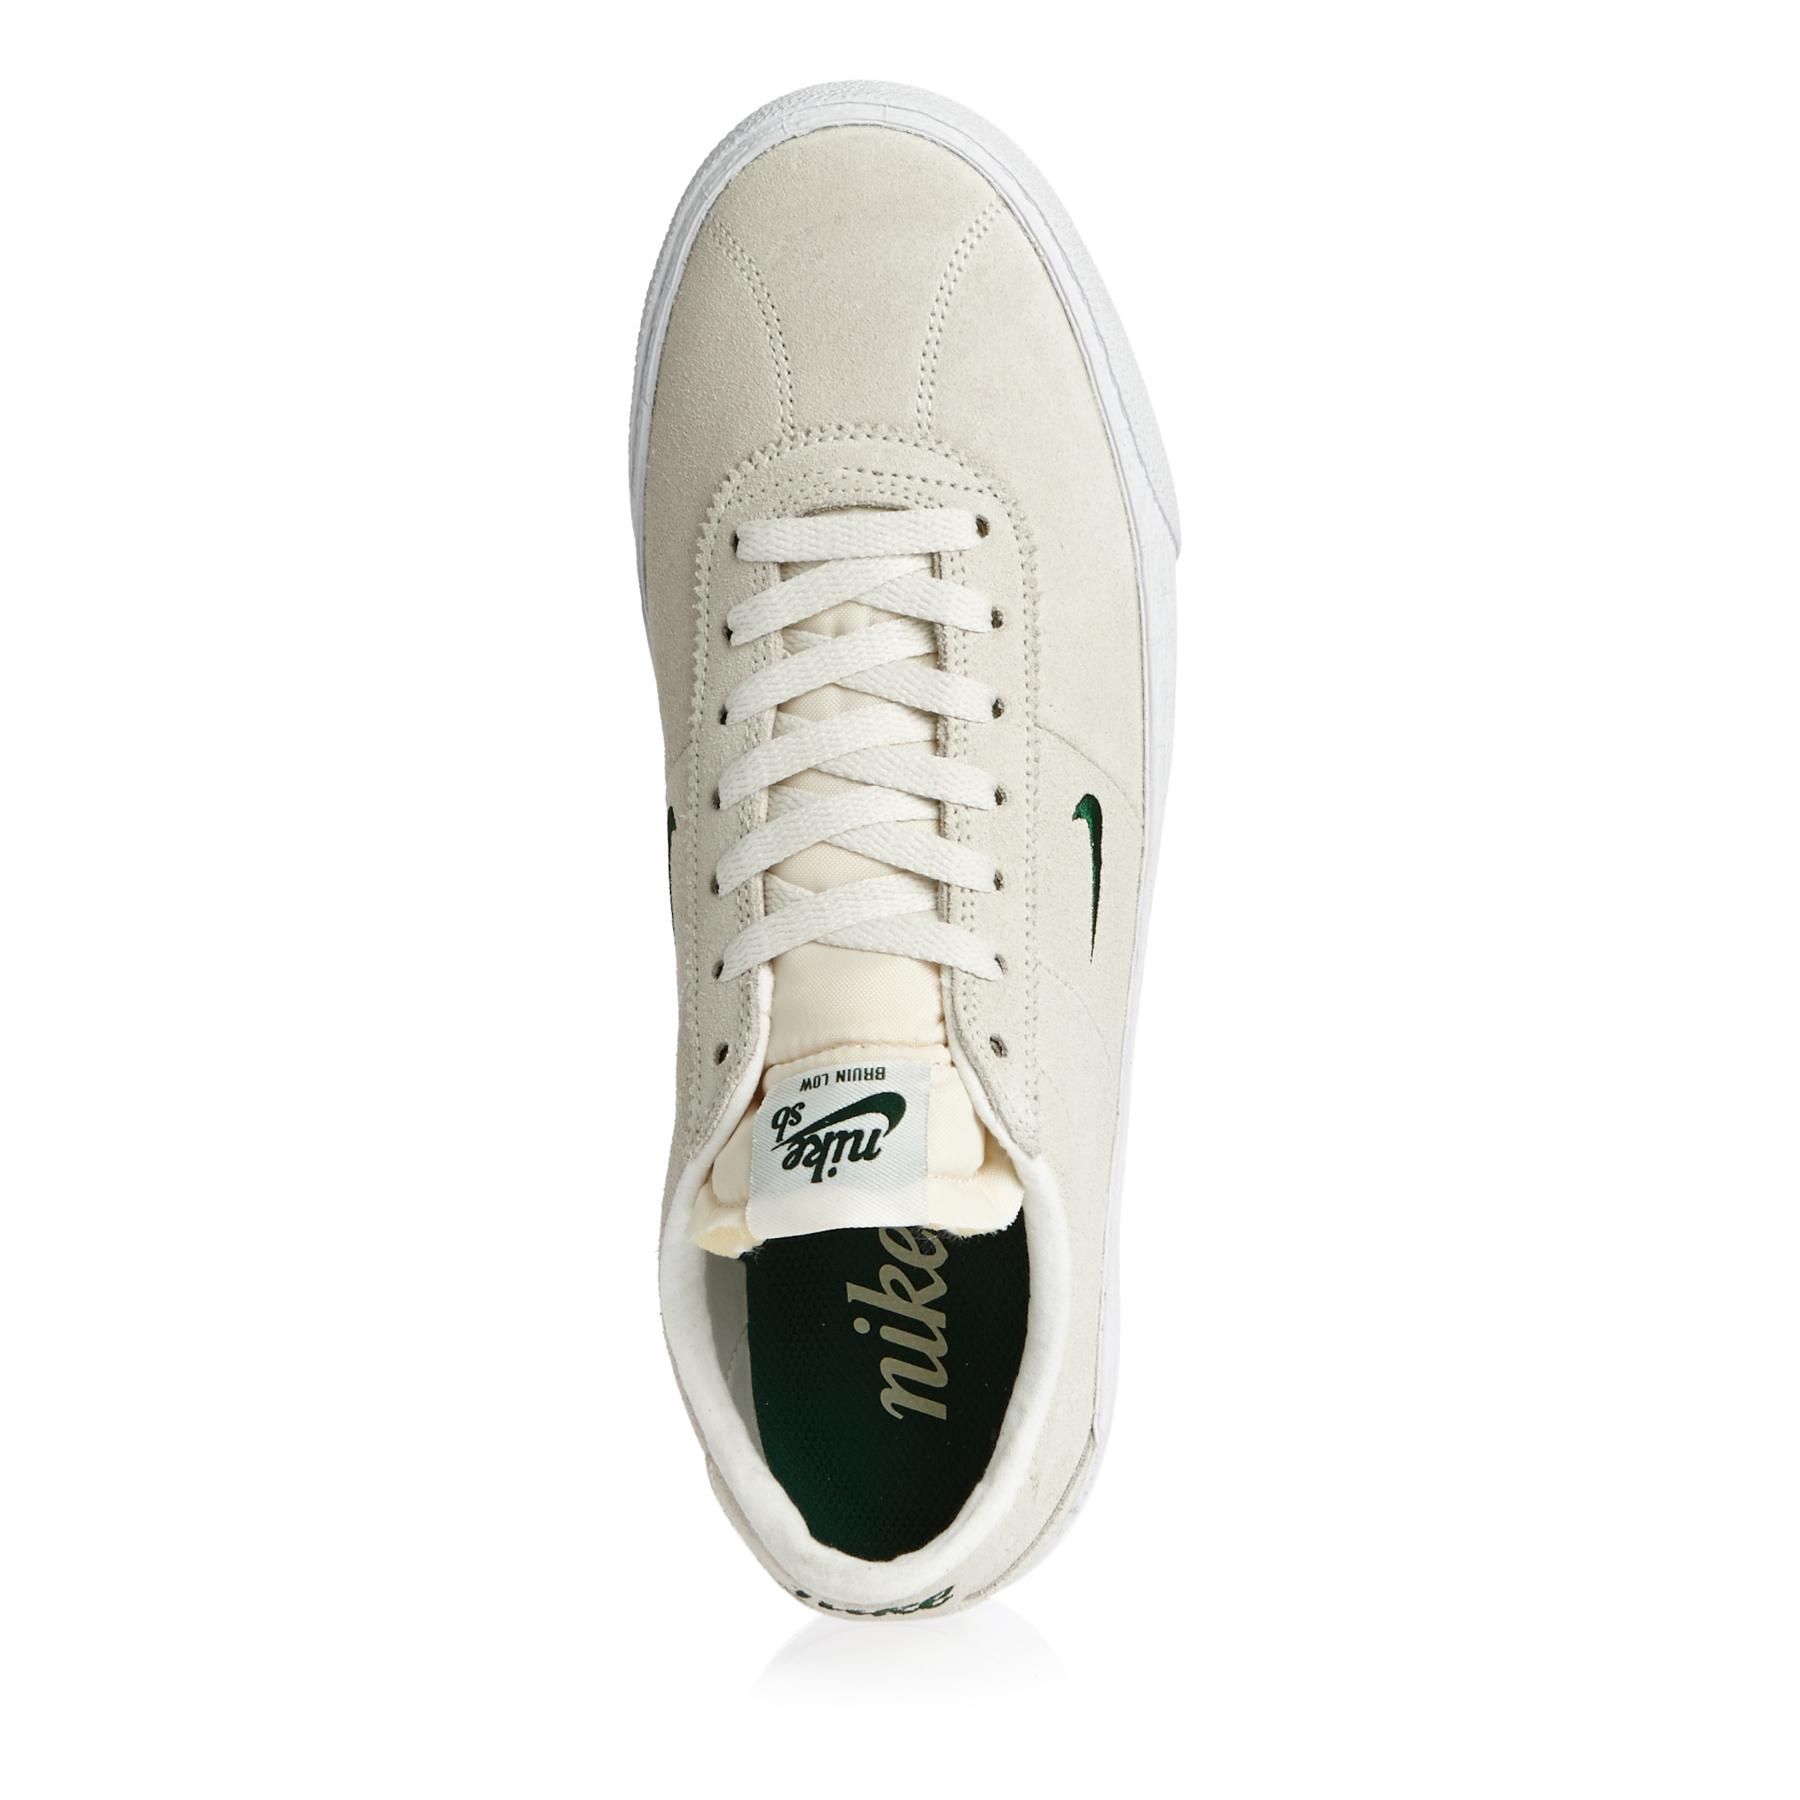 Chaussures Nike SB Zoom Bruin Ultra   Livraison gratuite dès